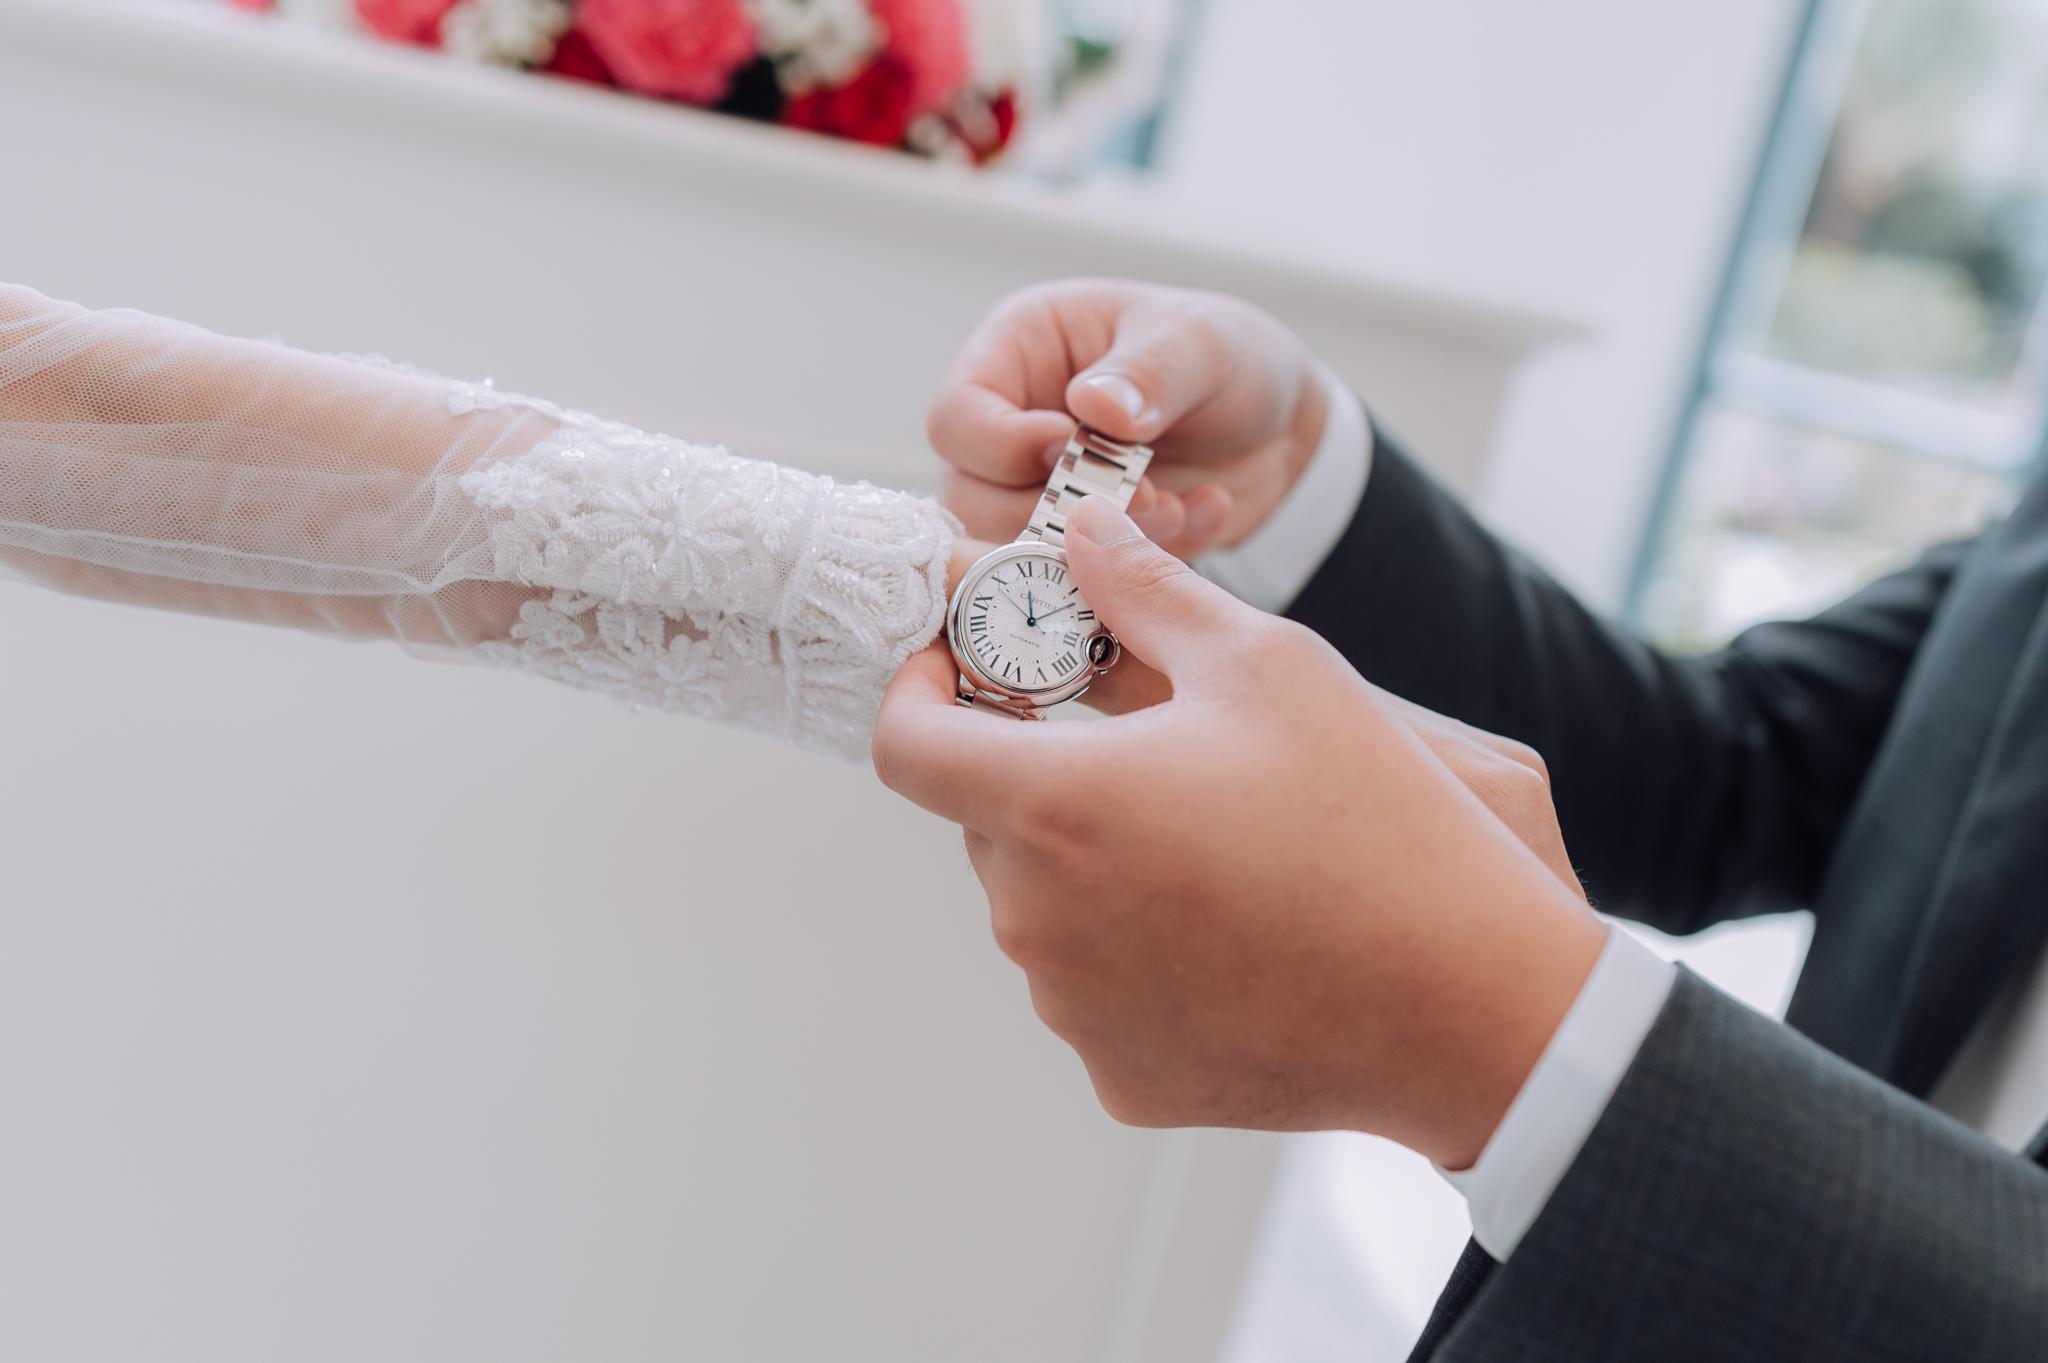 [桃園花田盛事] 婚禮紀實影像 培璿 & 瑾媛   婚攝 Eric Yeh   婚禮攝影